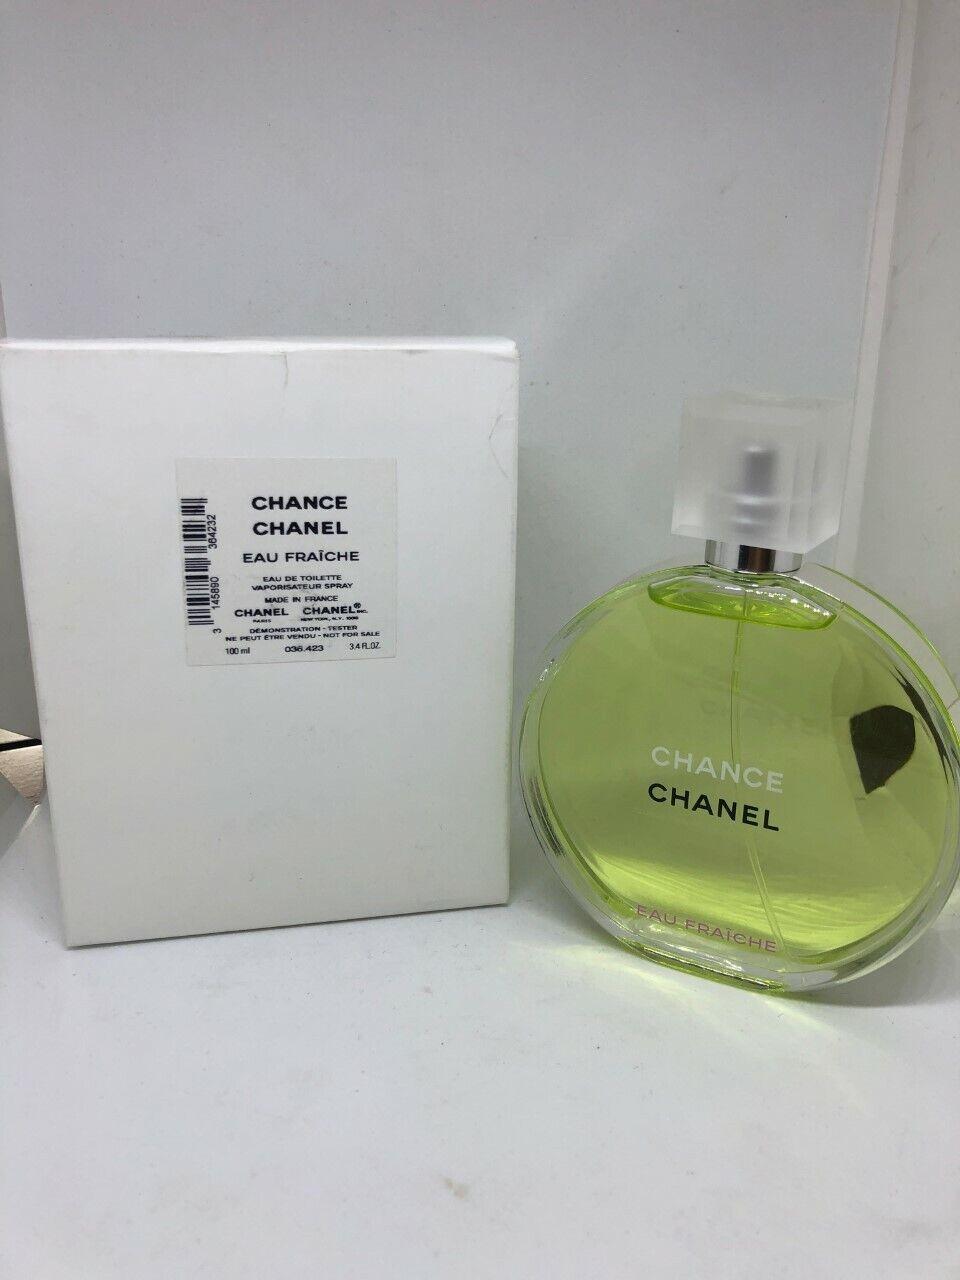 Chanel Chance Eau Fraiche Eau de Toilette 34 FL OZ NITB NO CAP